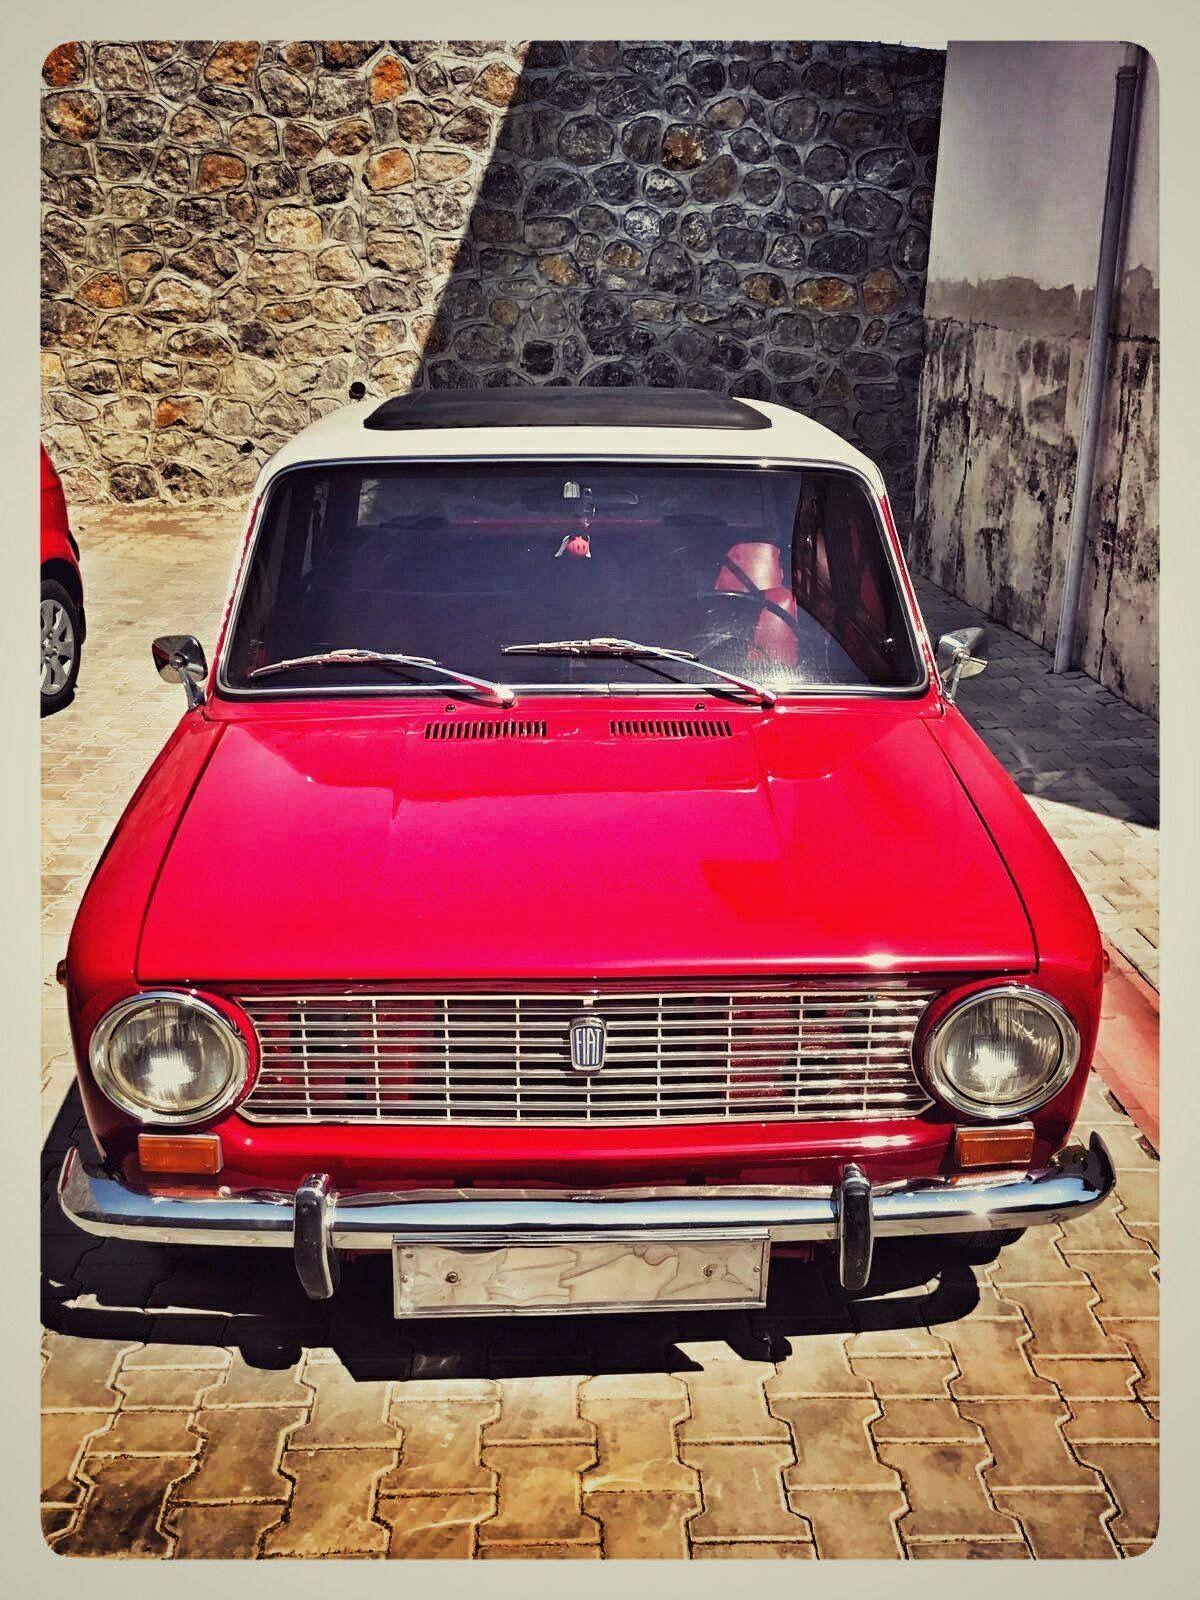 ボード「Vintage Cars」のピン